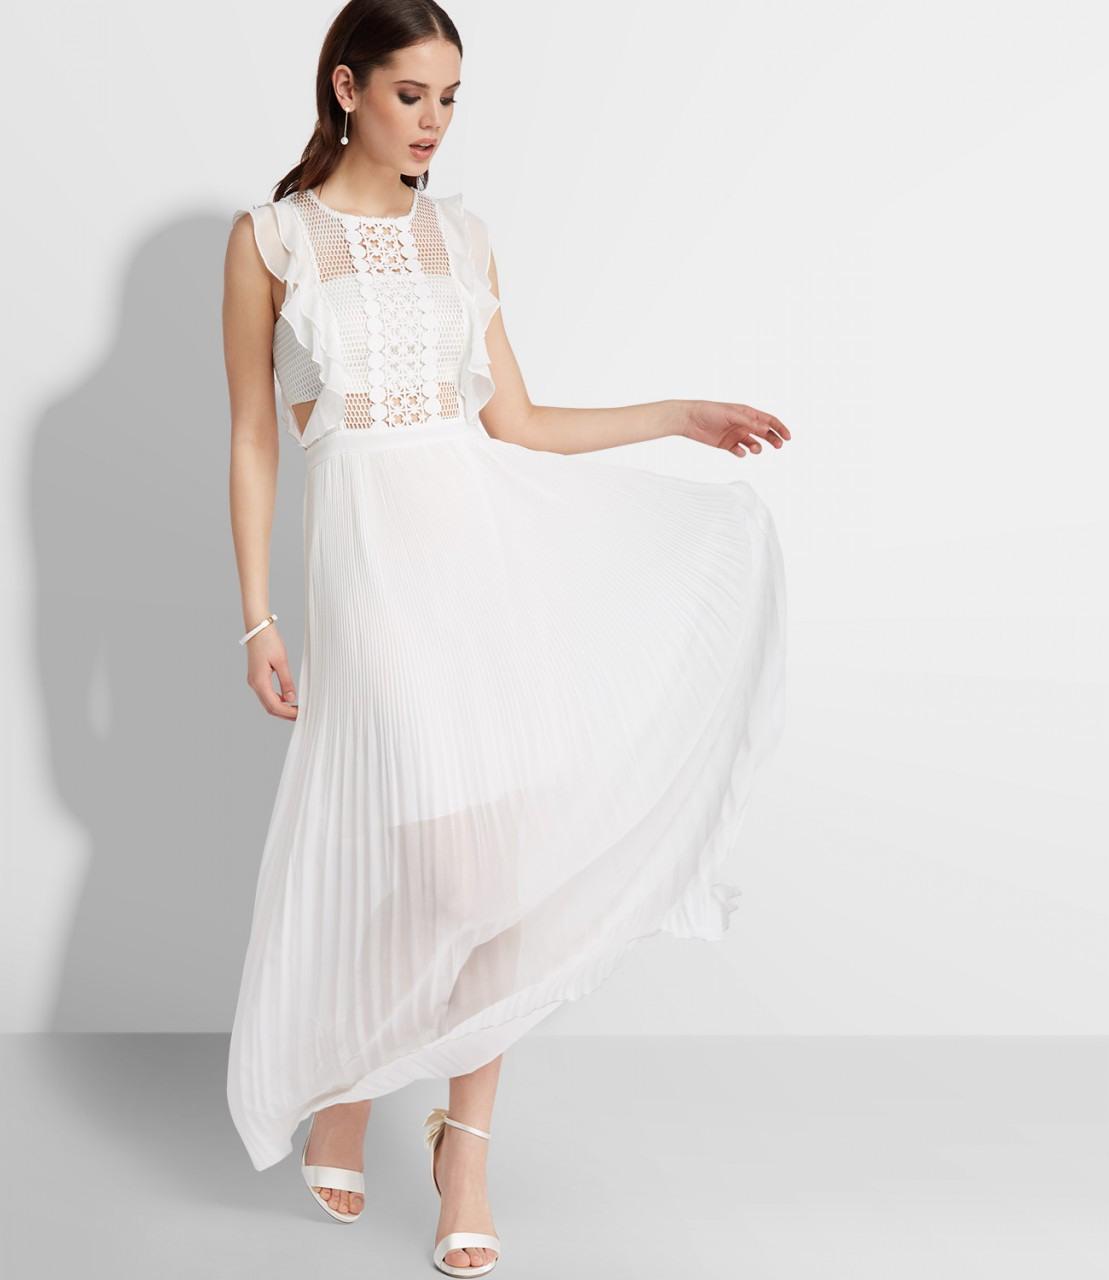 Designer Elegant Abendkleid Creme Spezialgebiet15 Schön Abendkleid Creme für 2019